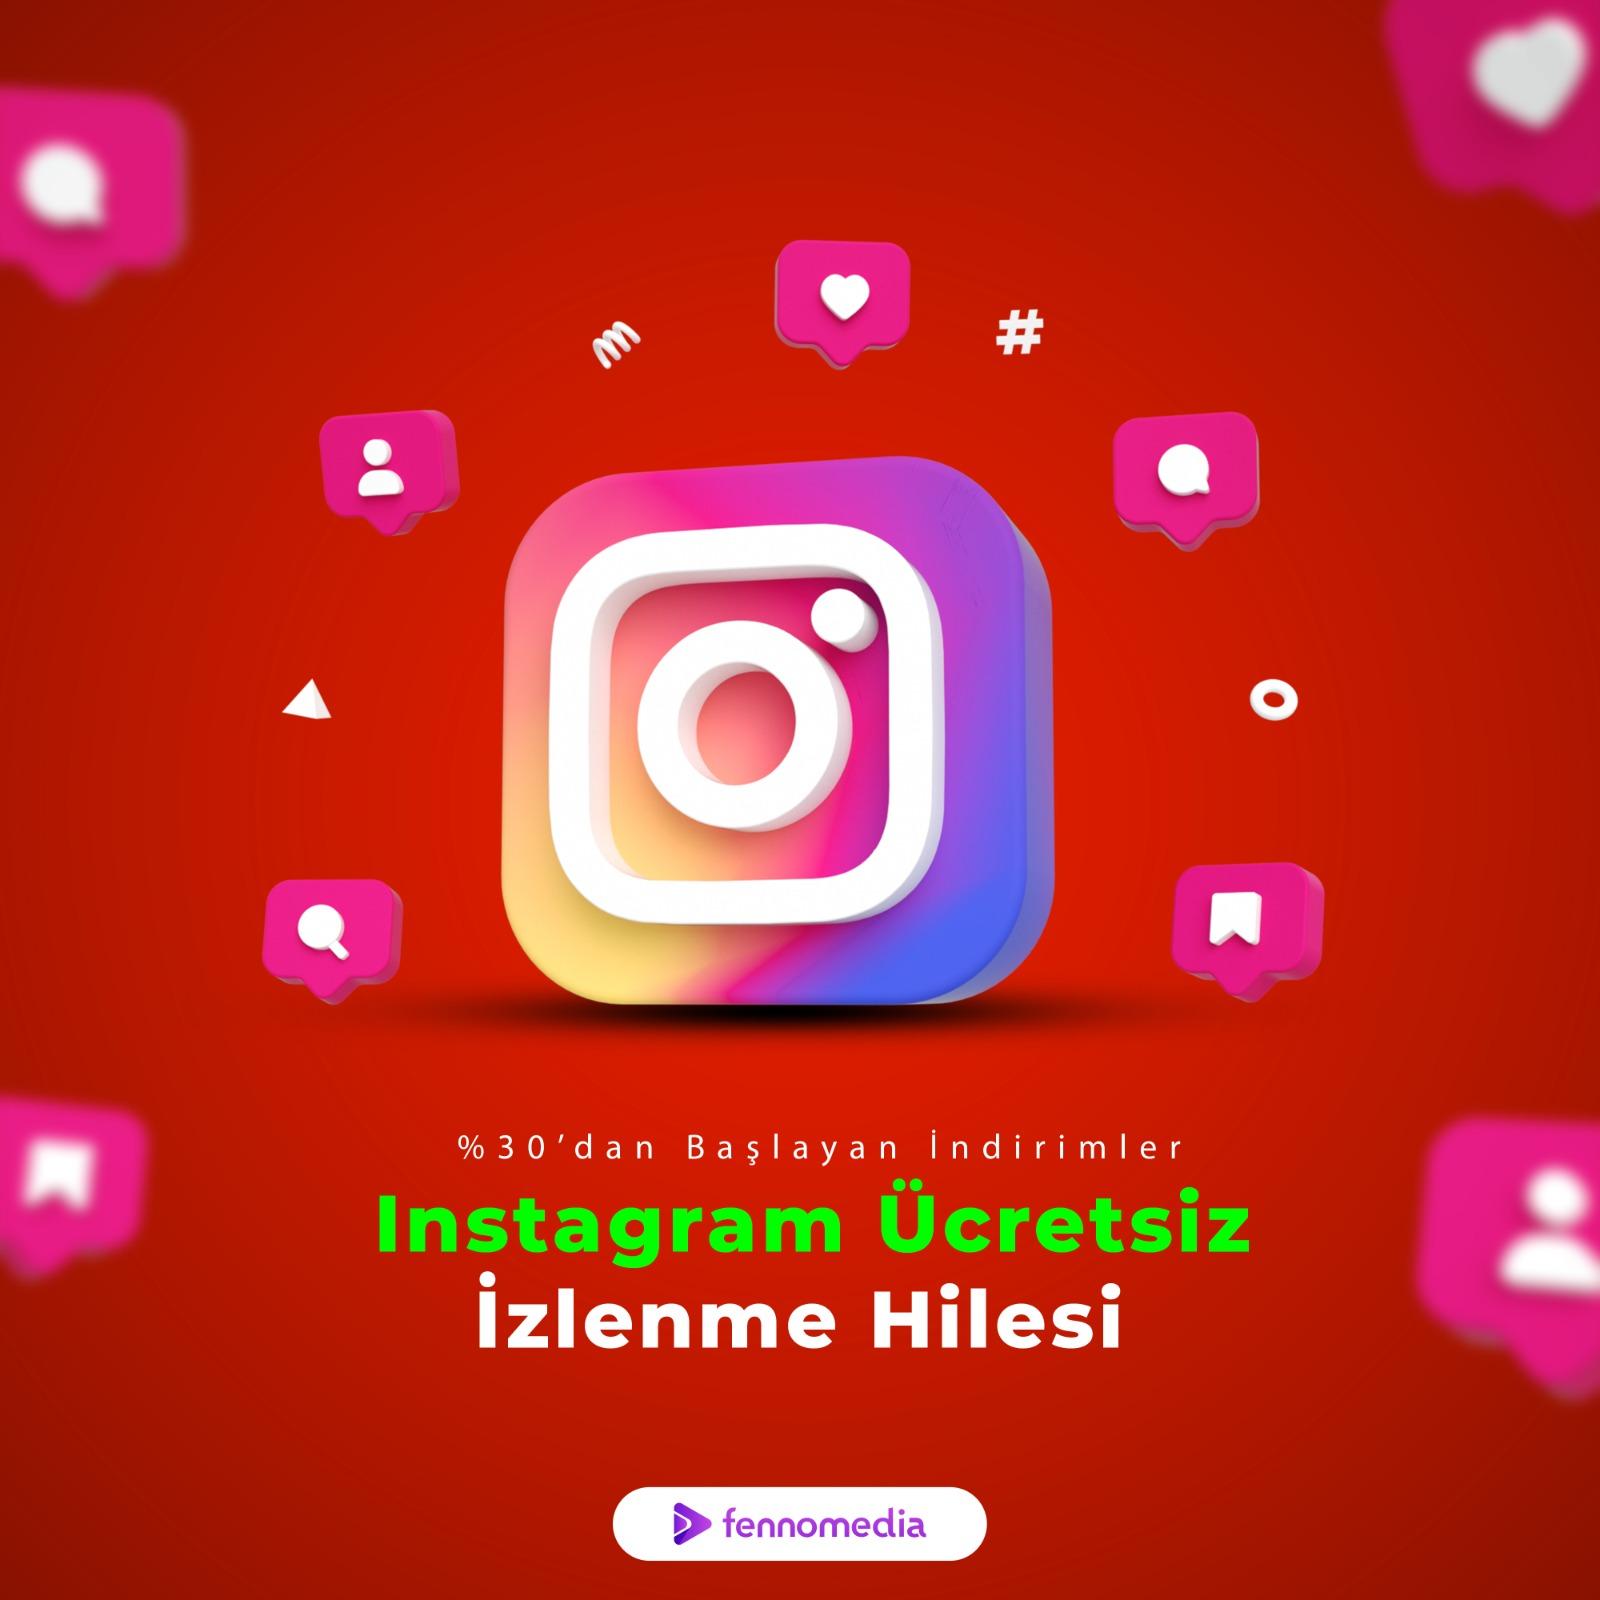 Instagram ücretsiz izlenme hilesi